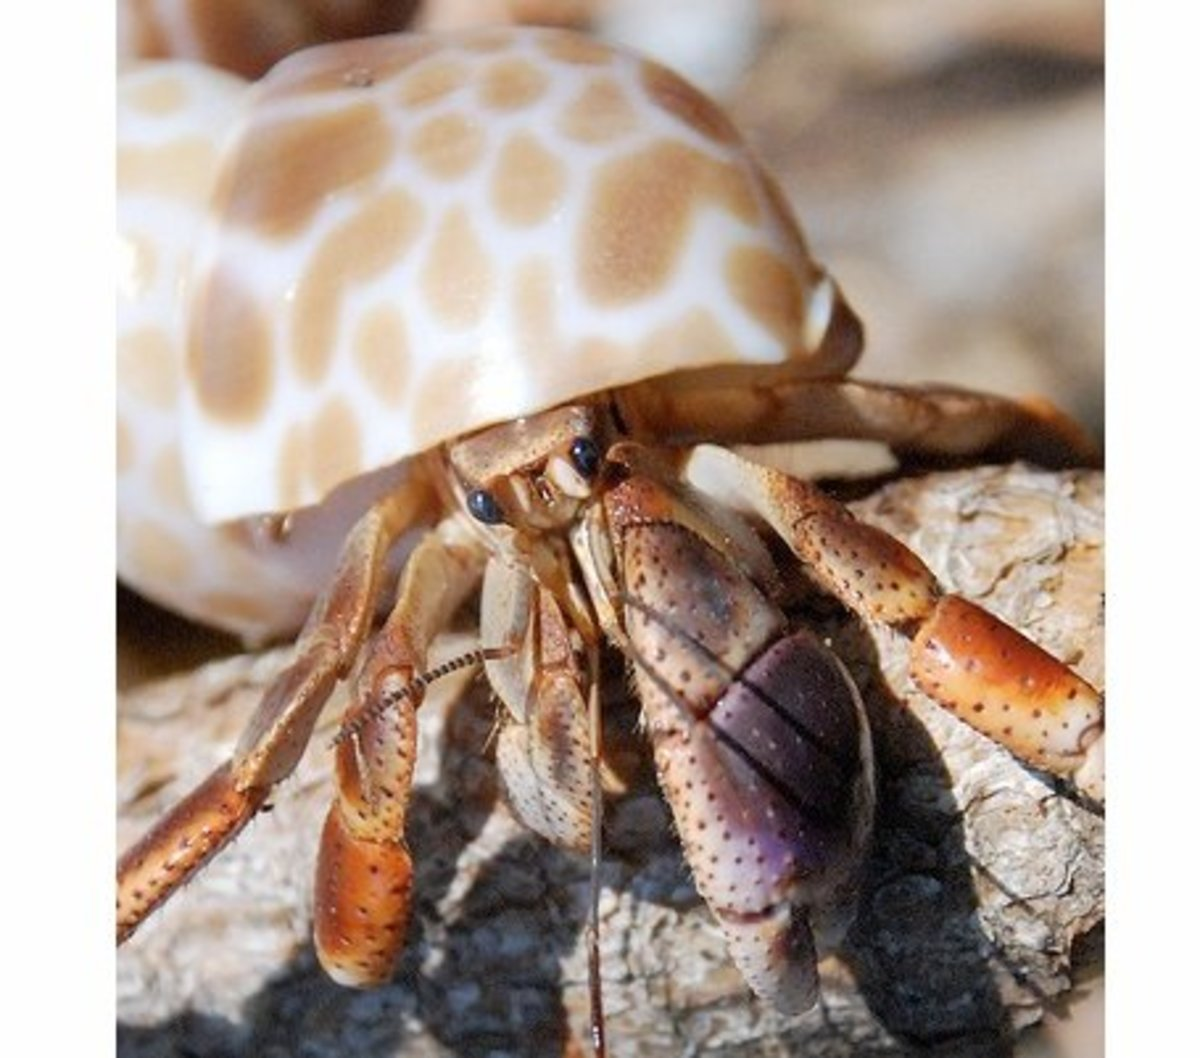 Hermit Crab Species - Types of Hermit Crabs